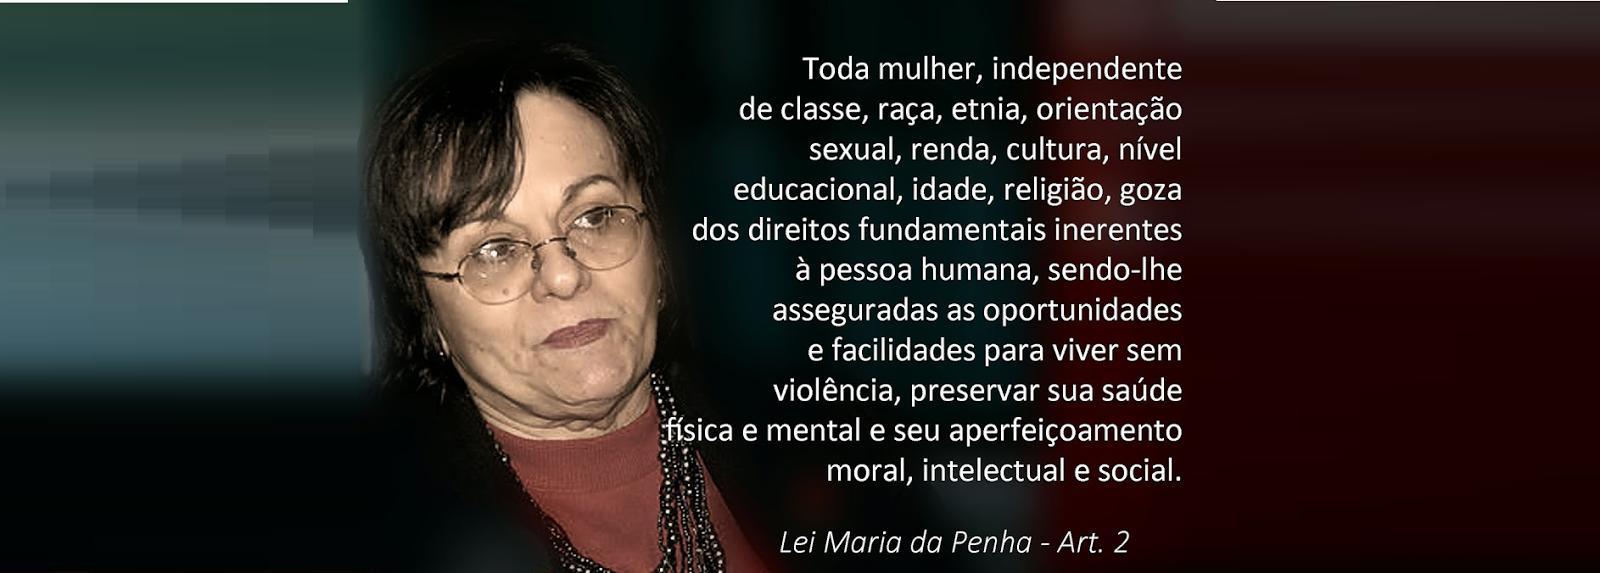 Maria da Penha, foi. vítima de violência